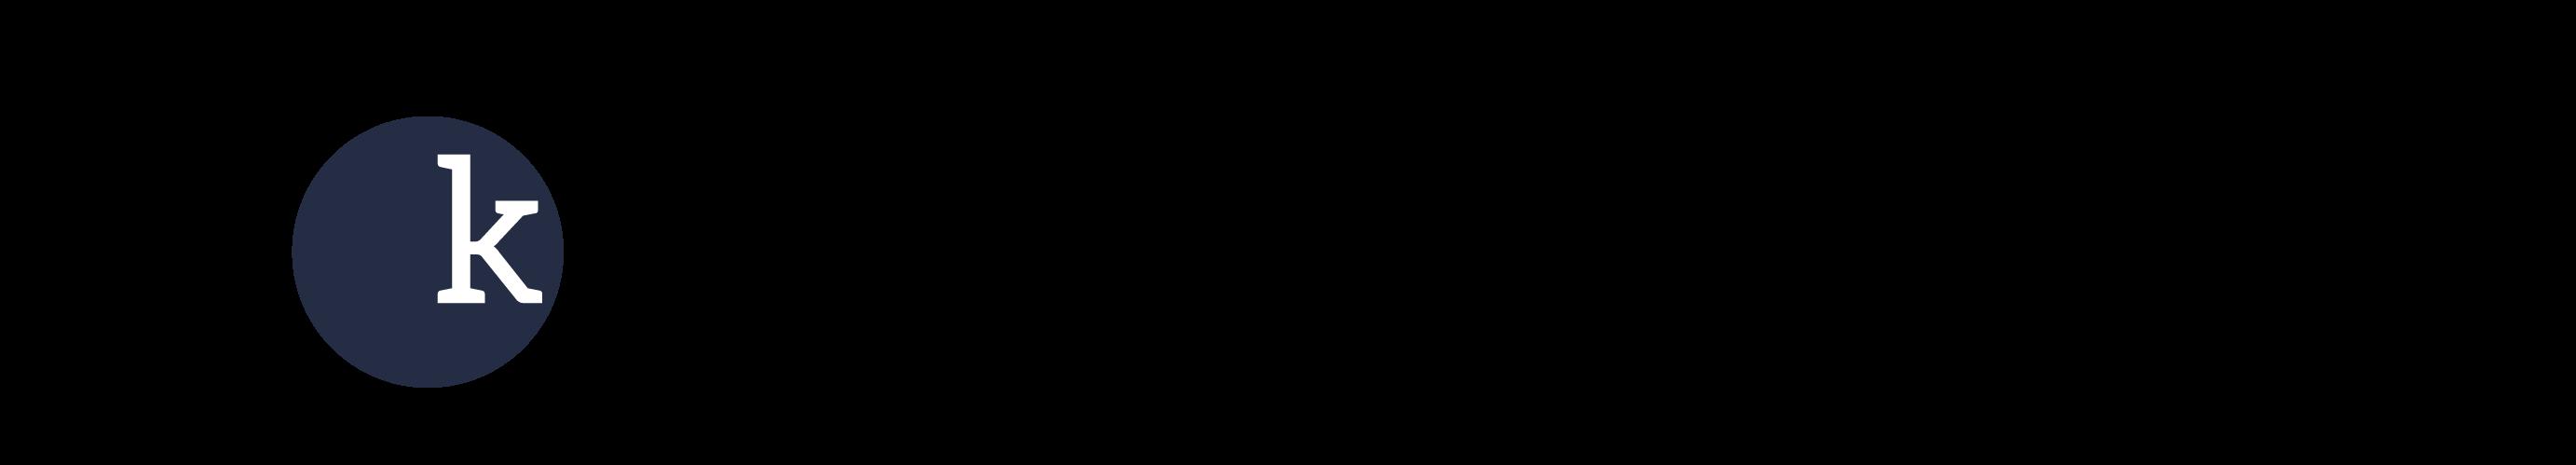 Katapult